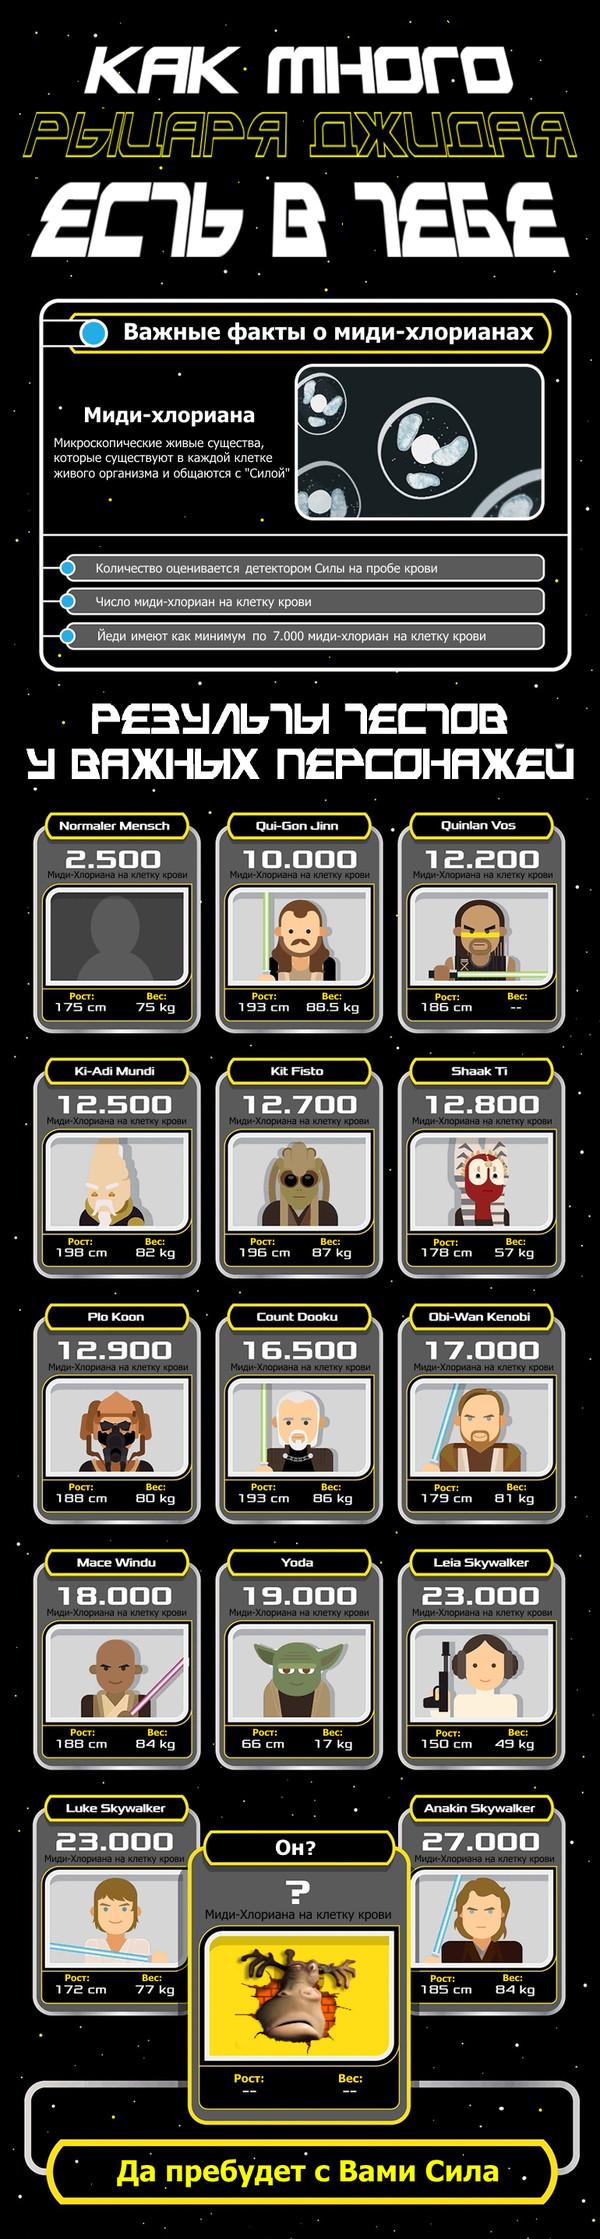 Инфографика для фанатов Star Wars. Сколько в Вас джидая? инфографика, star wars, длиннопост